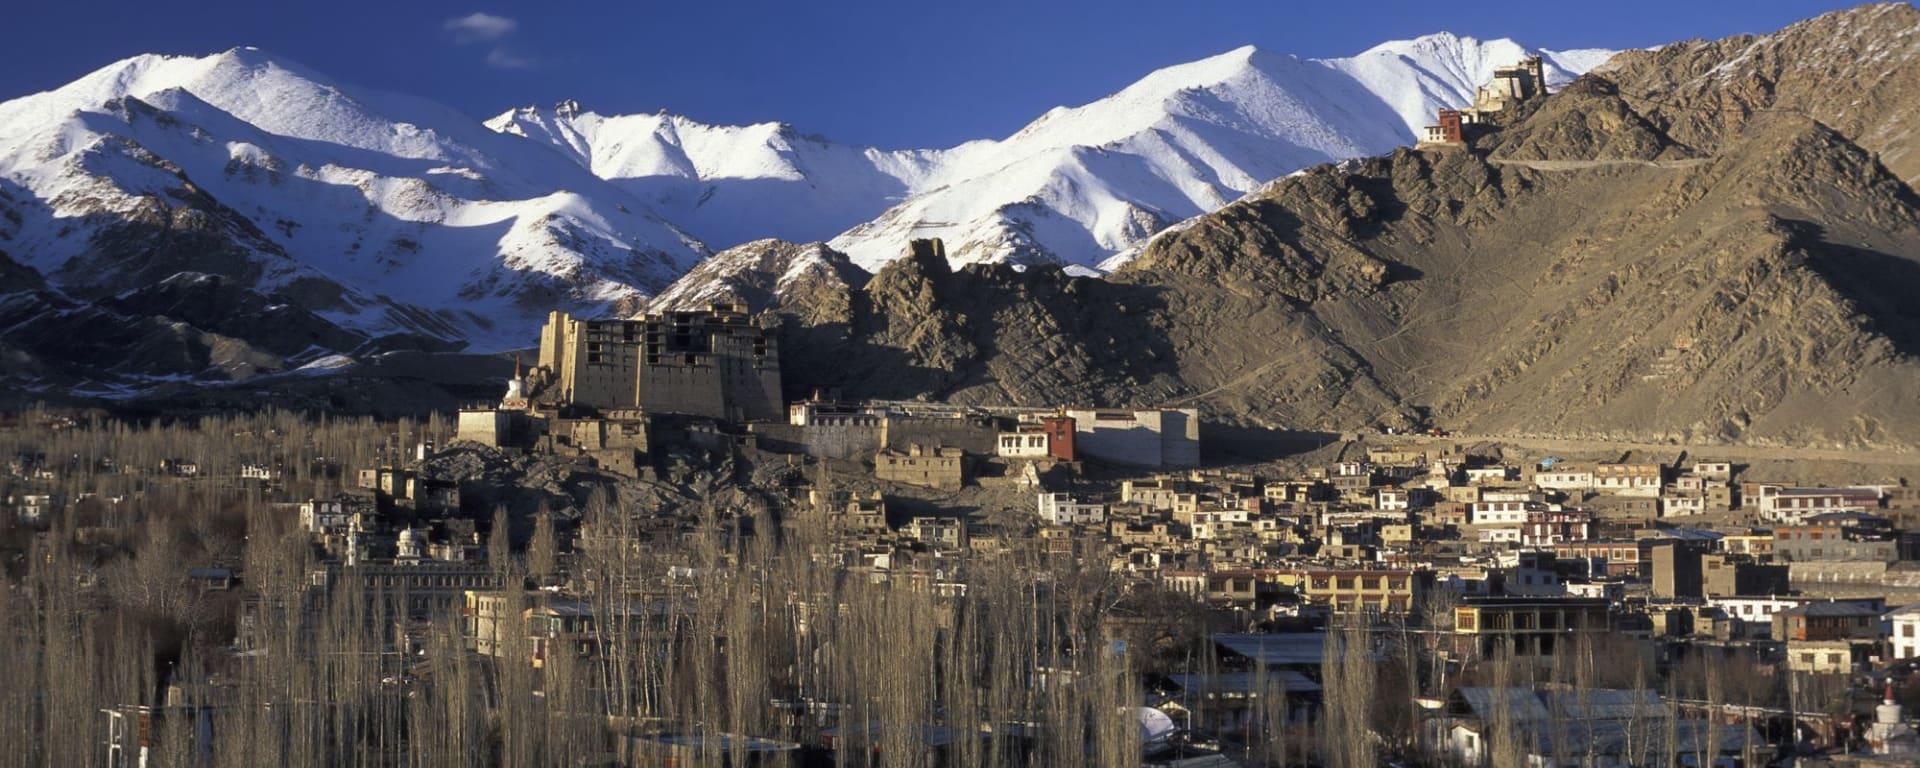 Les montagnes spectaculaires de Ladakh de Leh: Leh: in winter time